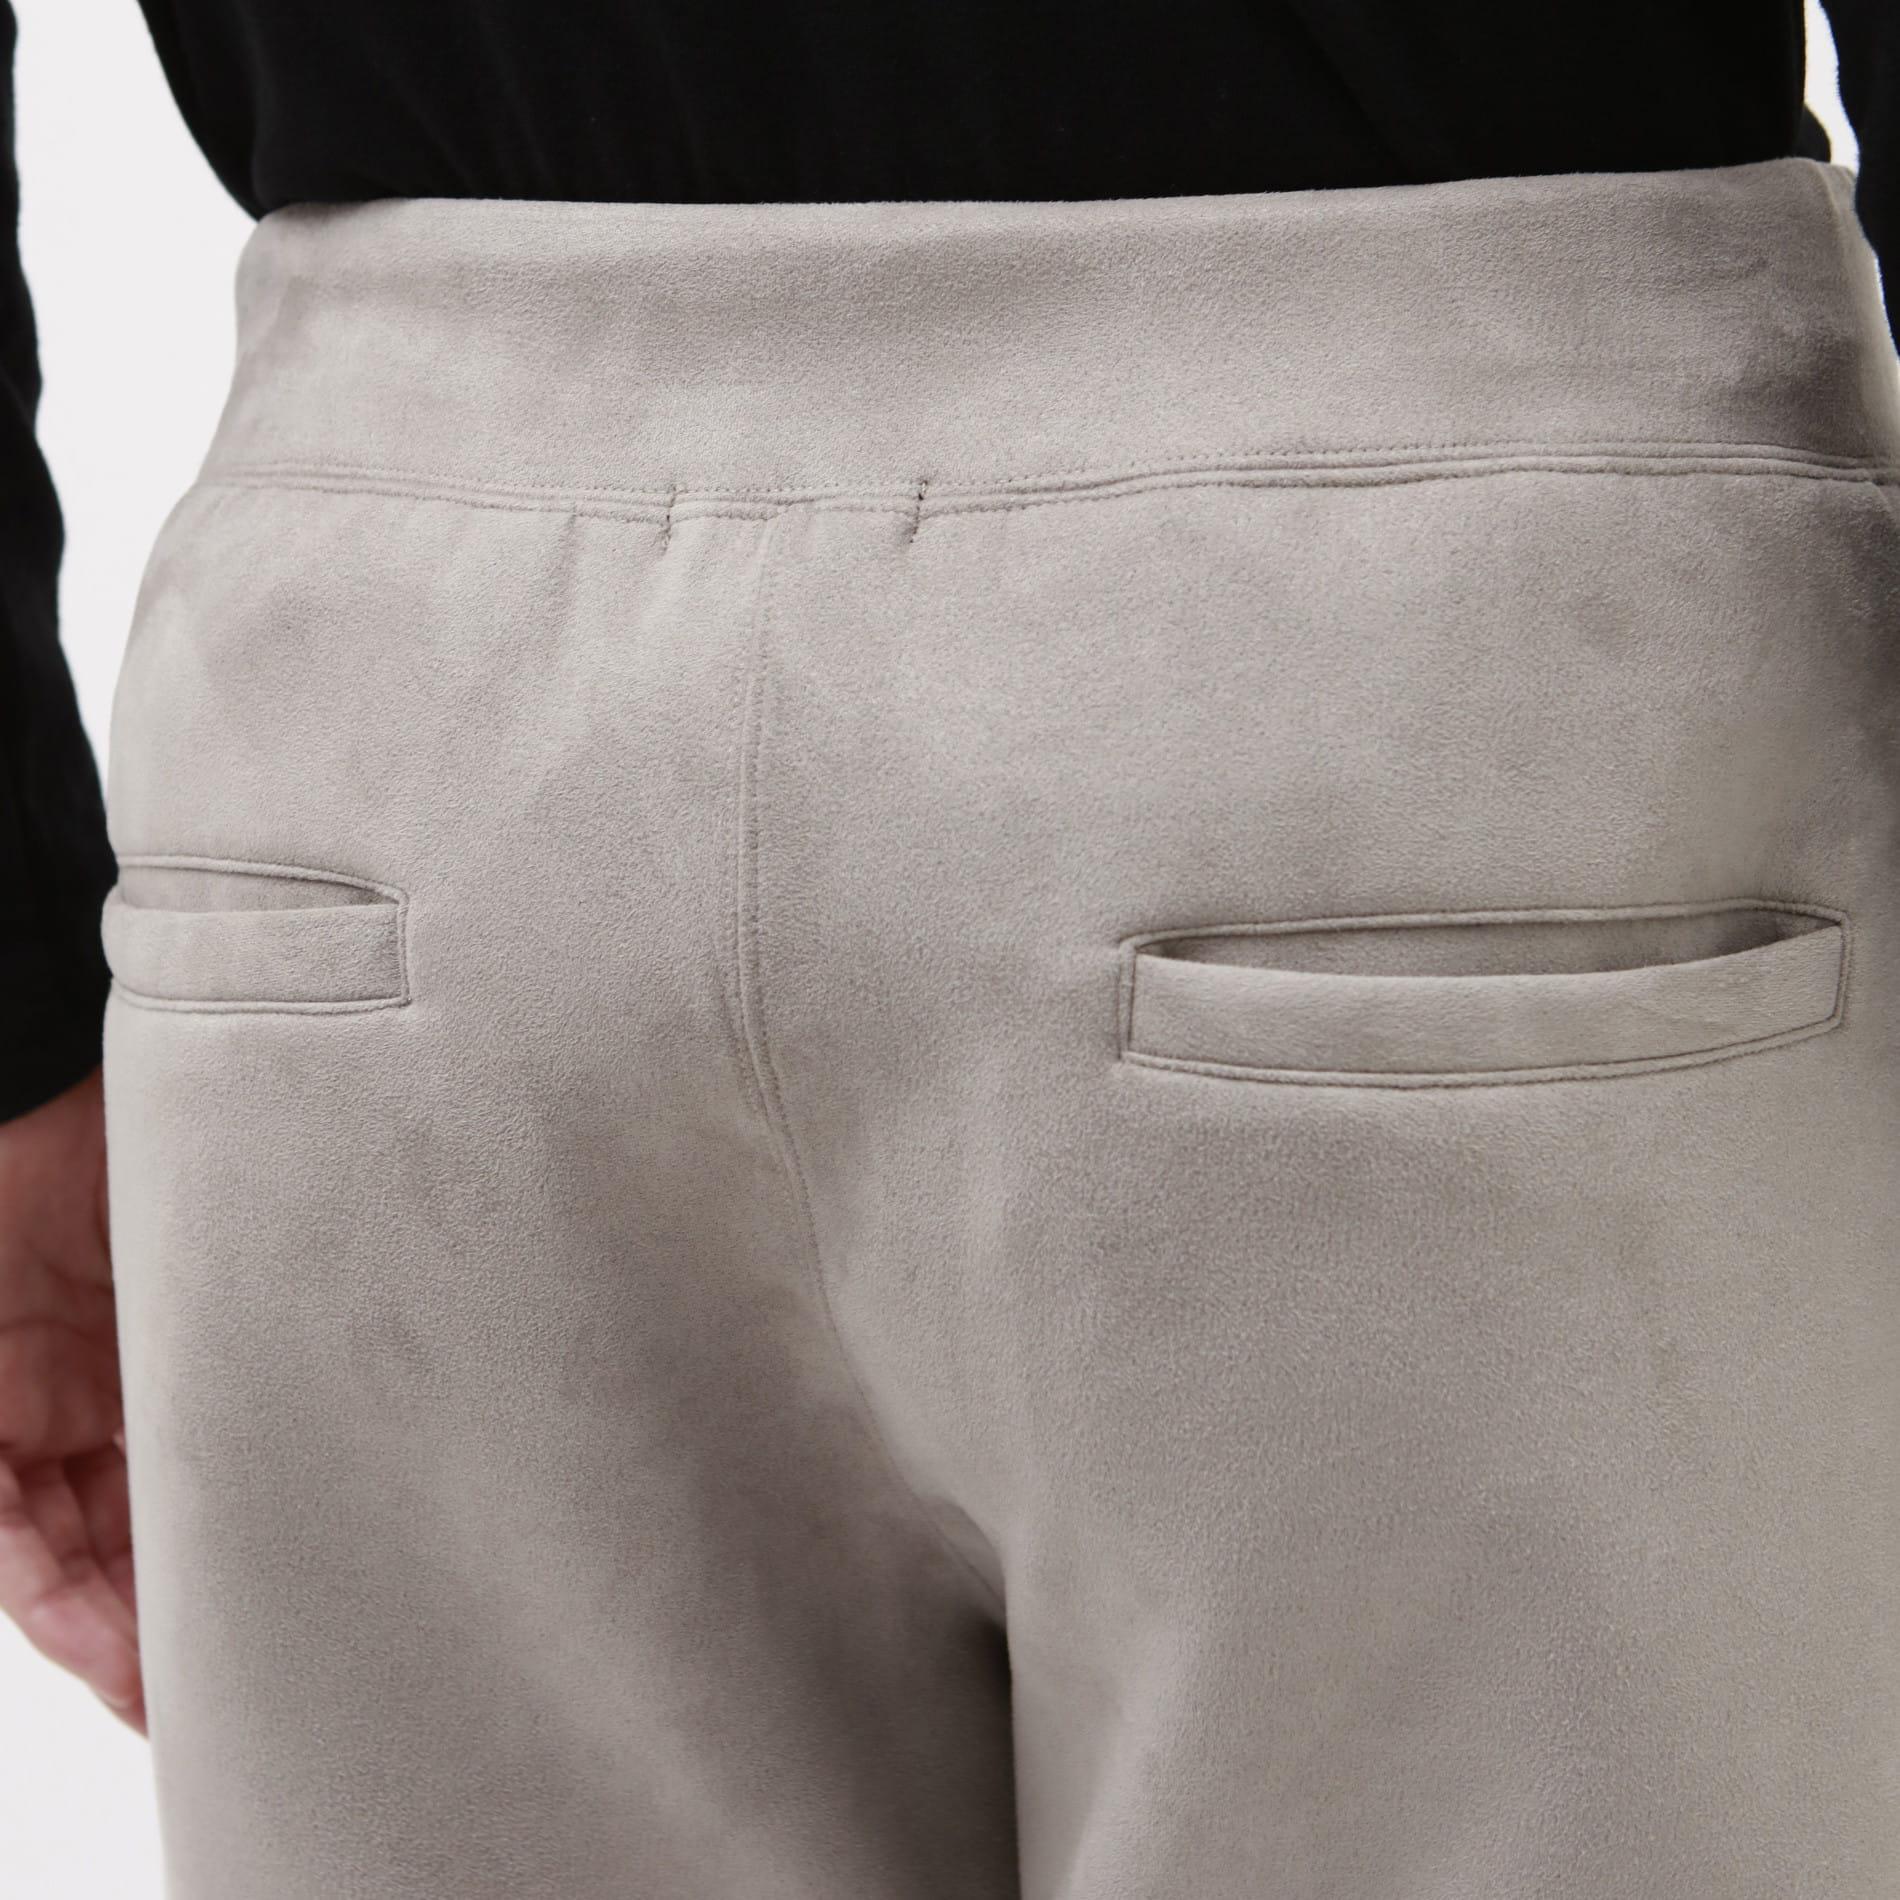 【予約販売】ポンチスエード ジョガーズ パンツ